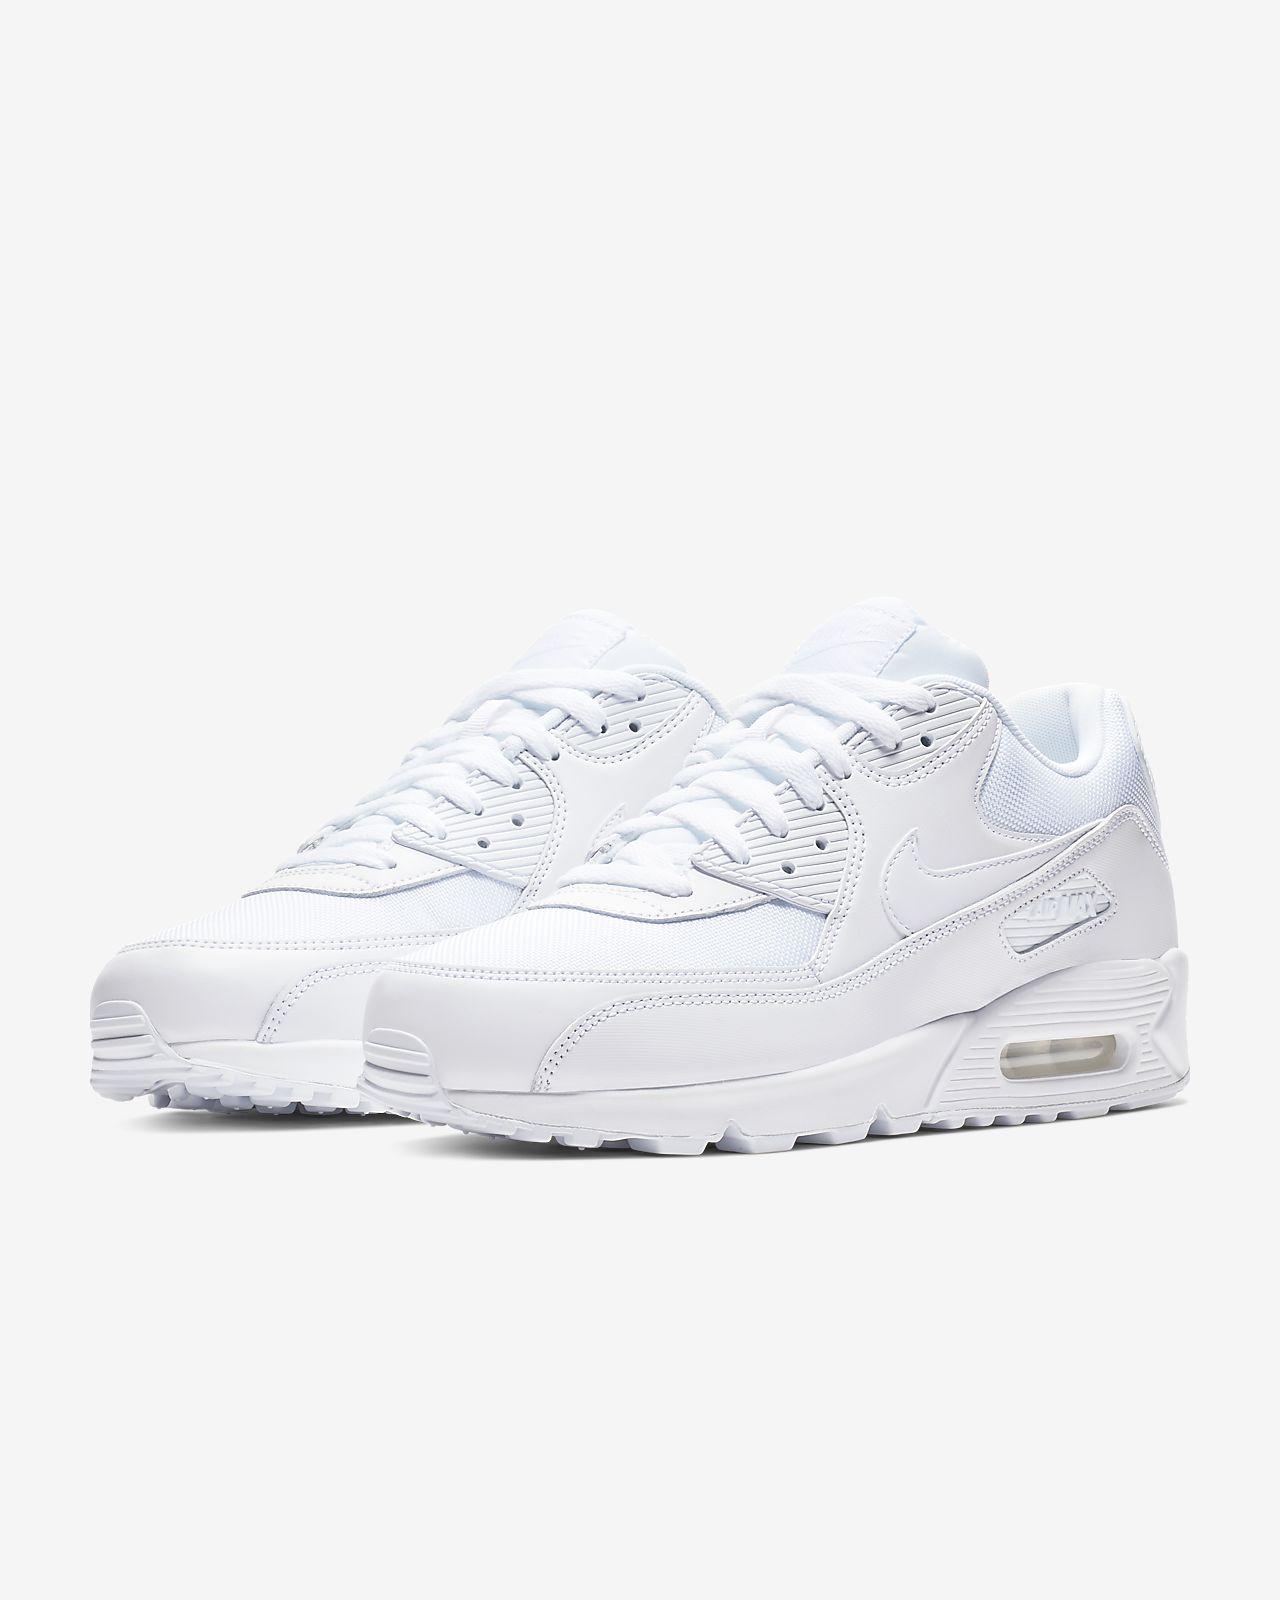 fcc887e4 Мужские кроссовки Nike Air Max 90 Essential. Nike.com RU